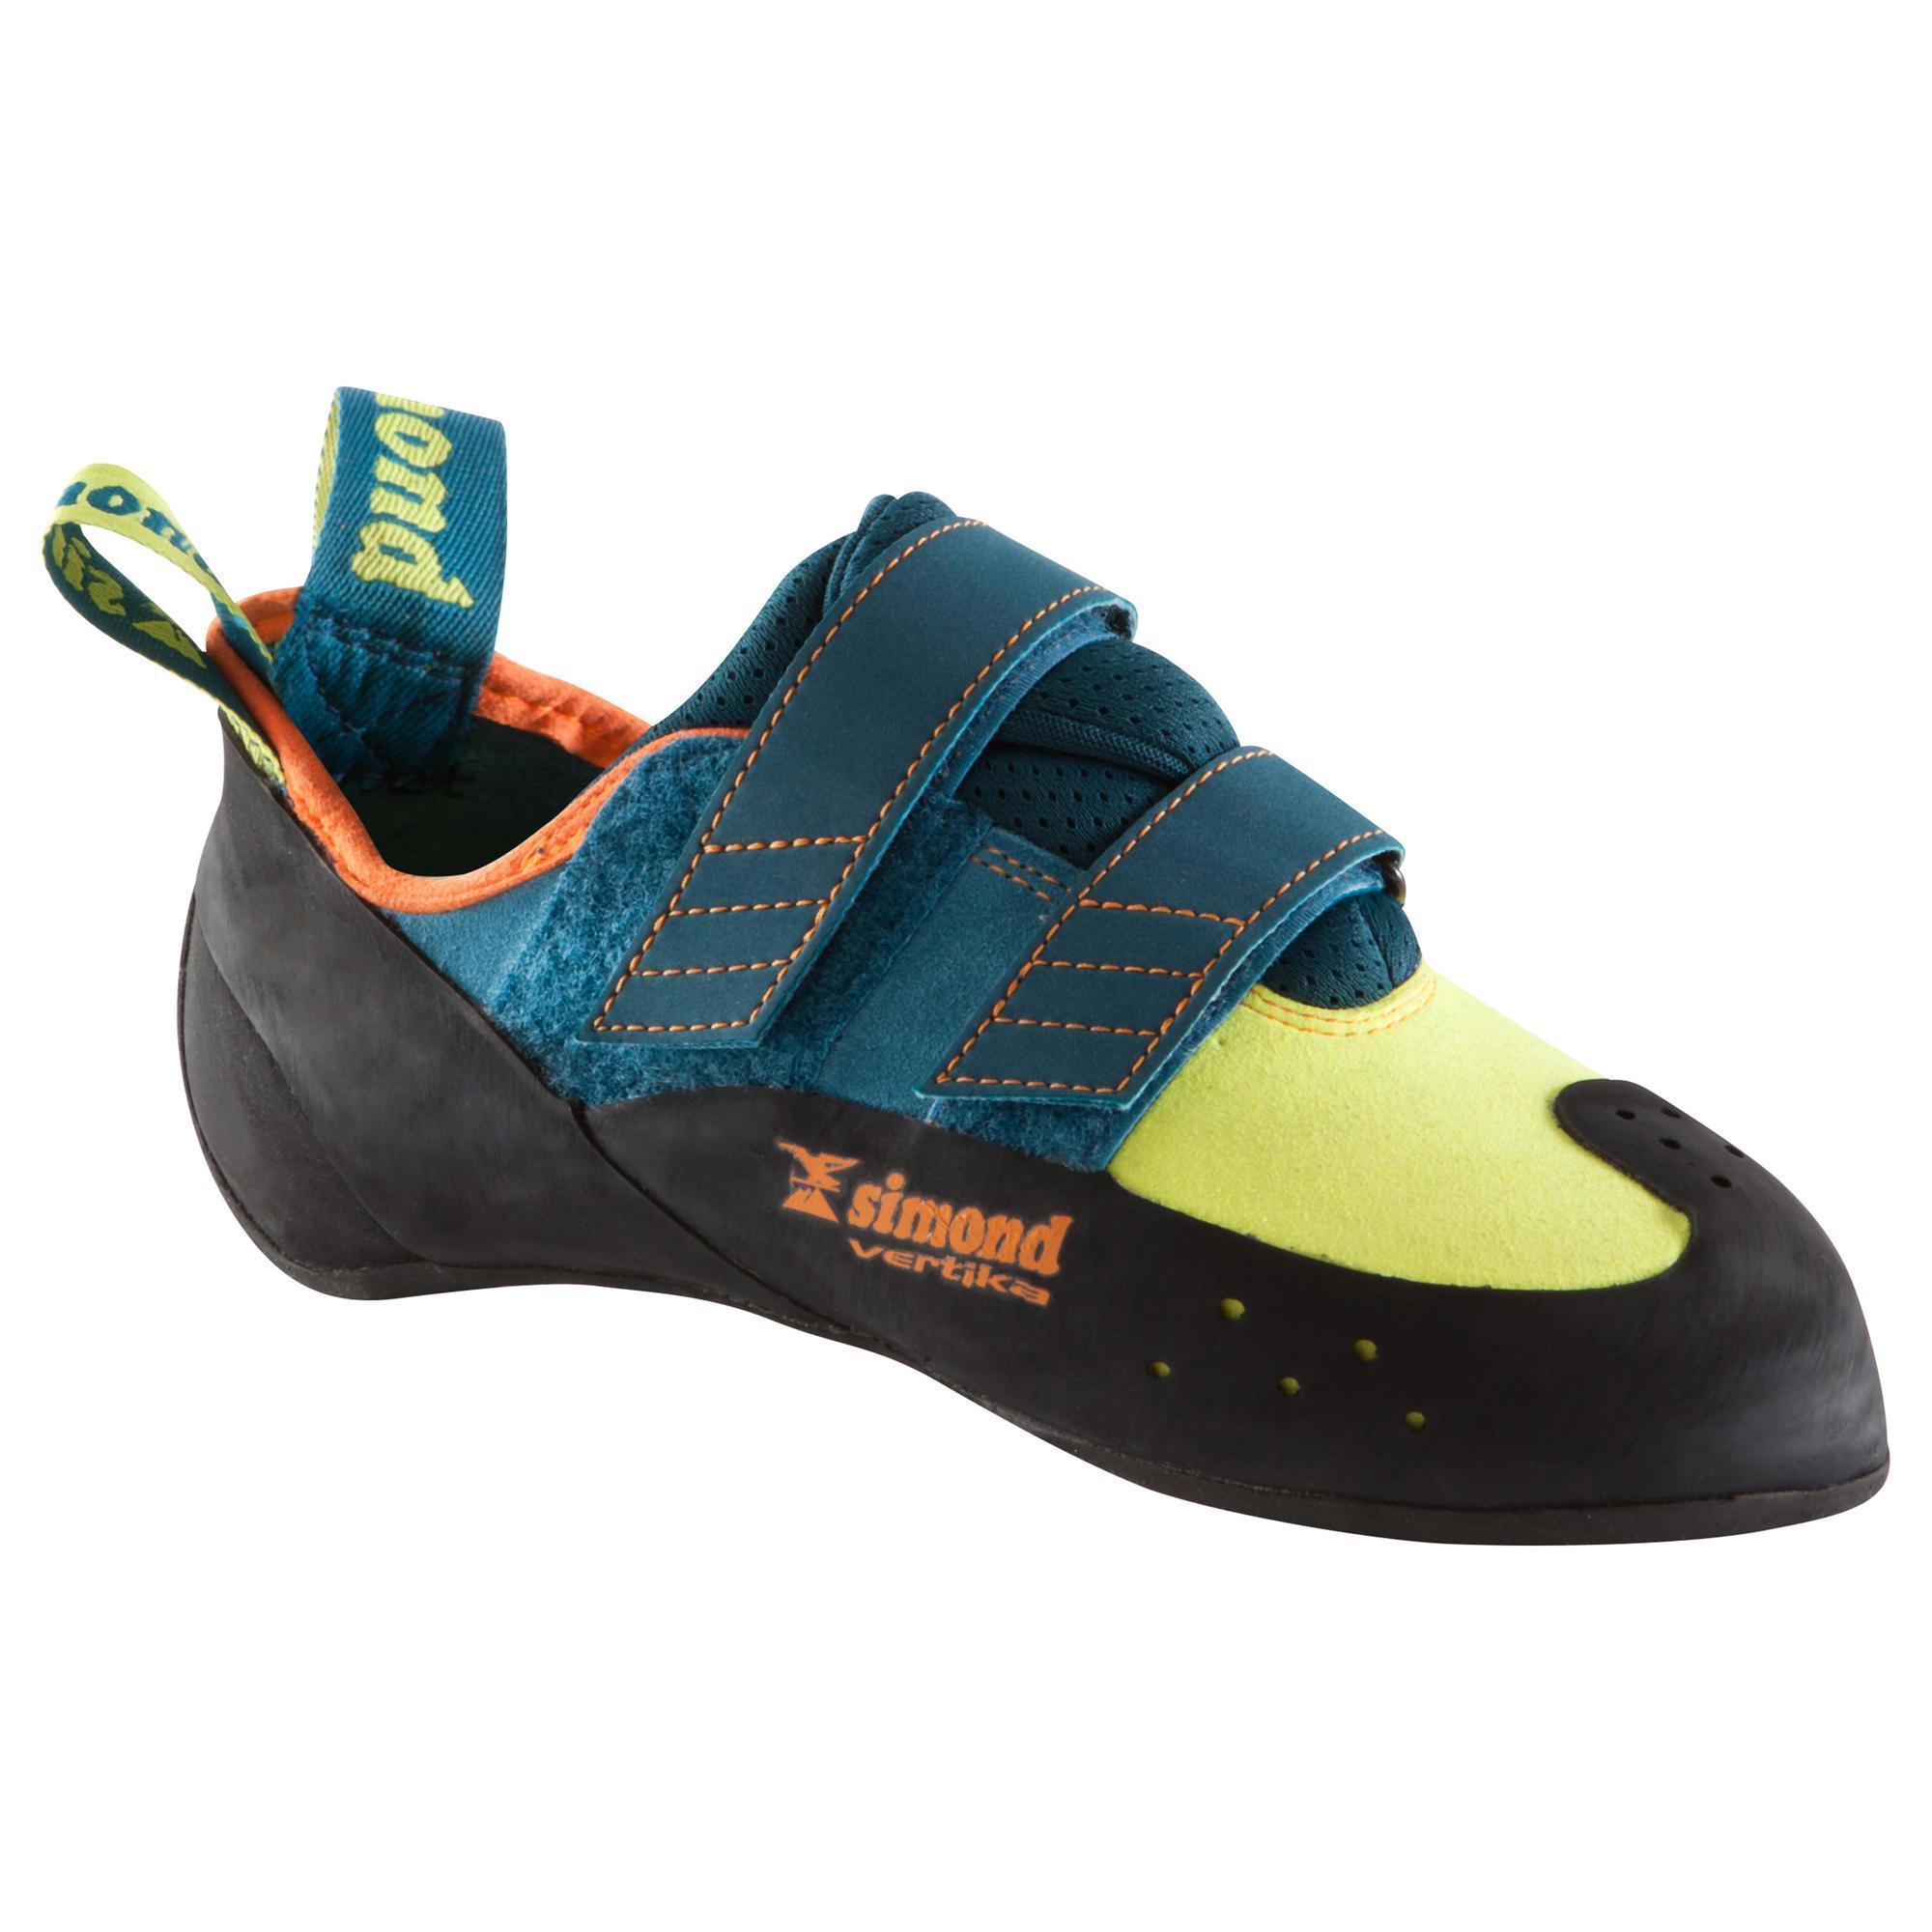 Kletterschuhe Vertika Klett Erwachsene   Schuhe > Outdoorschuhe > Kletterschuhe   Simond